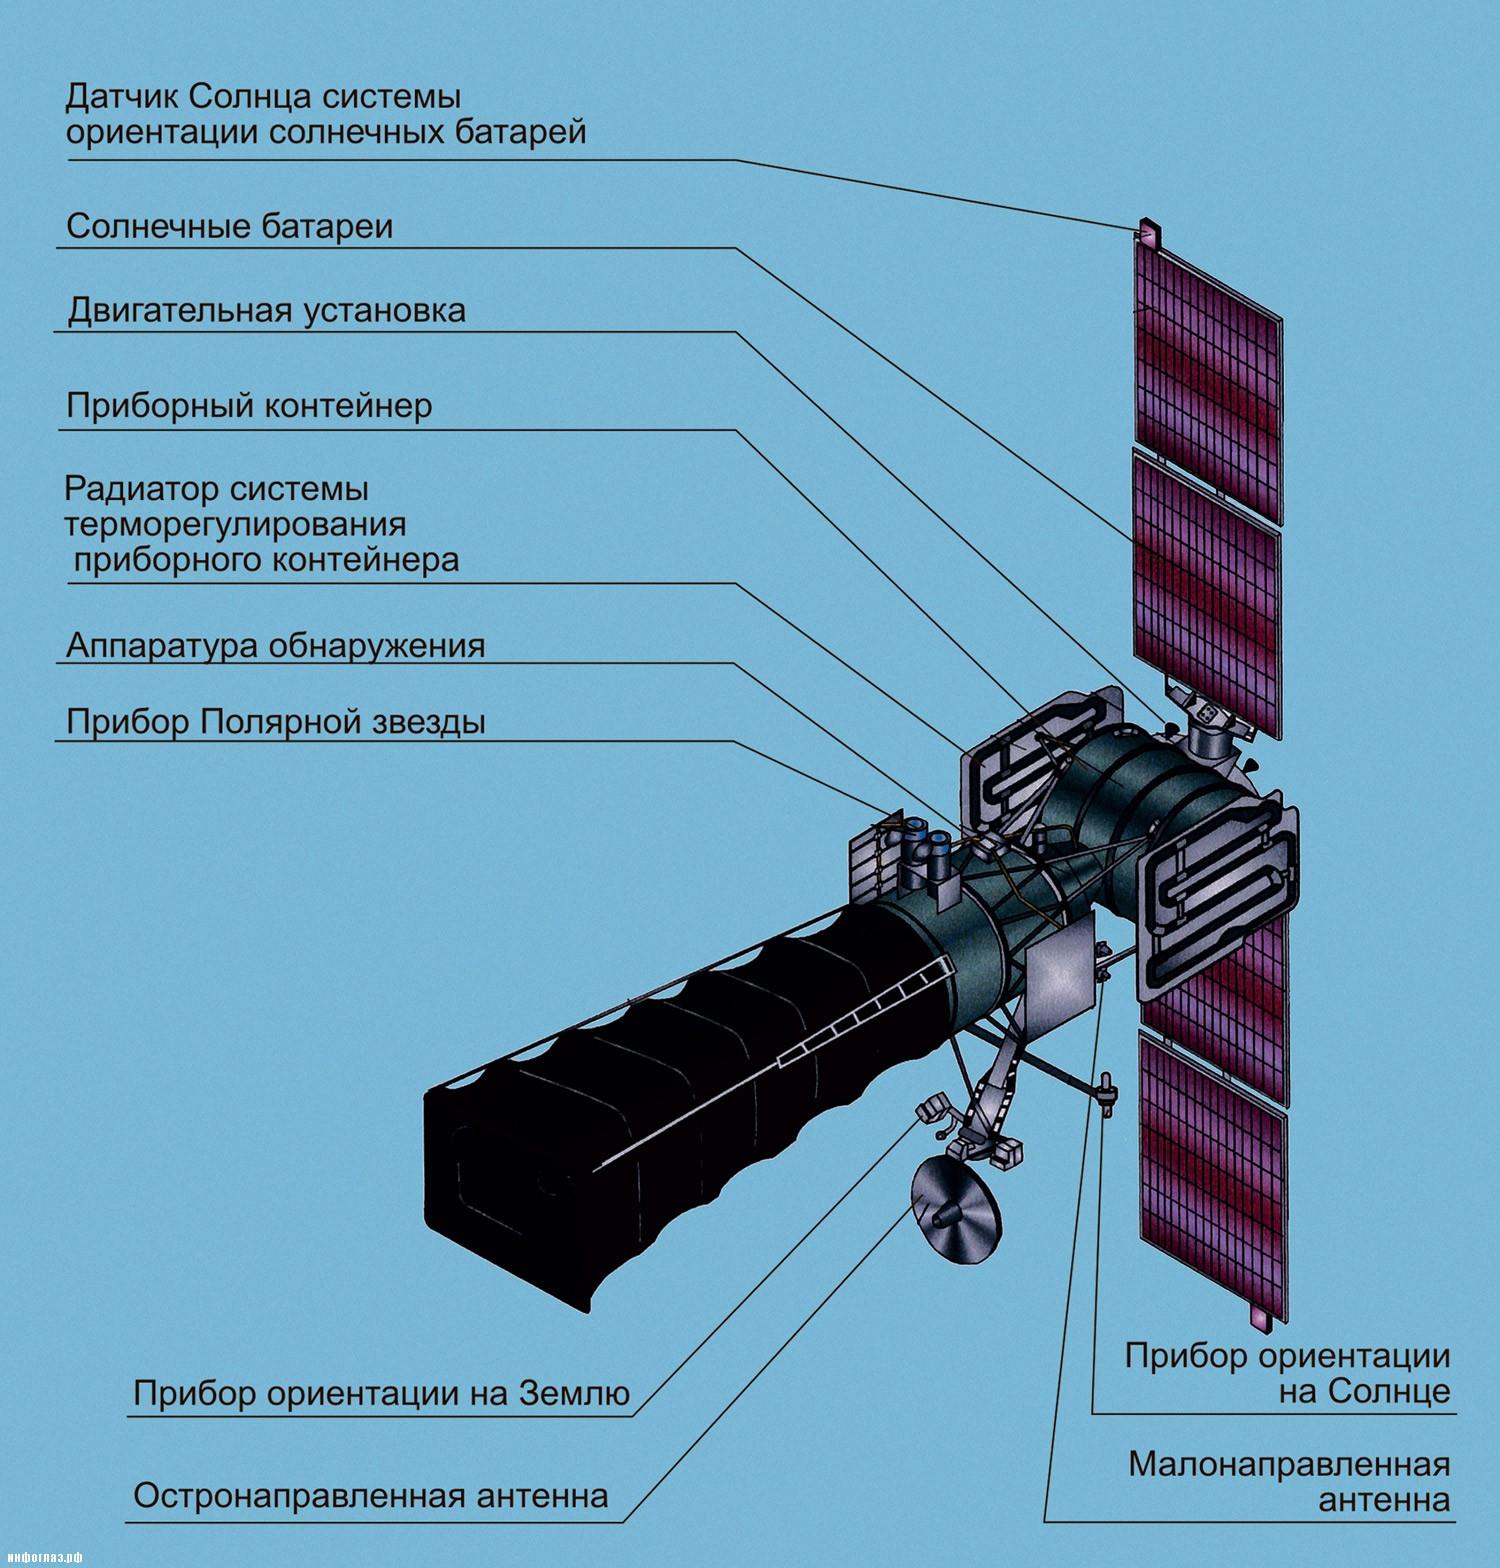 Общая схема устройства спутника СПРН УС-К (http://www.npomash.ru)